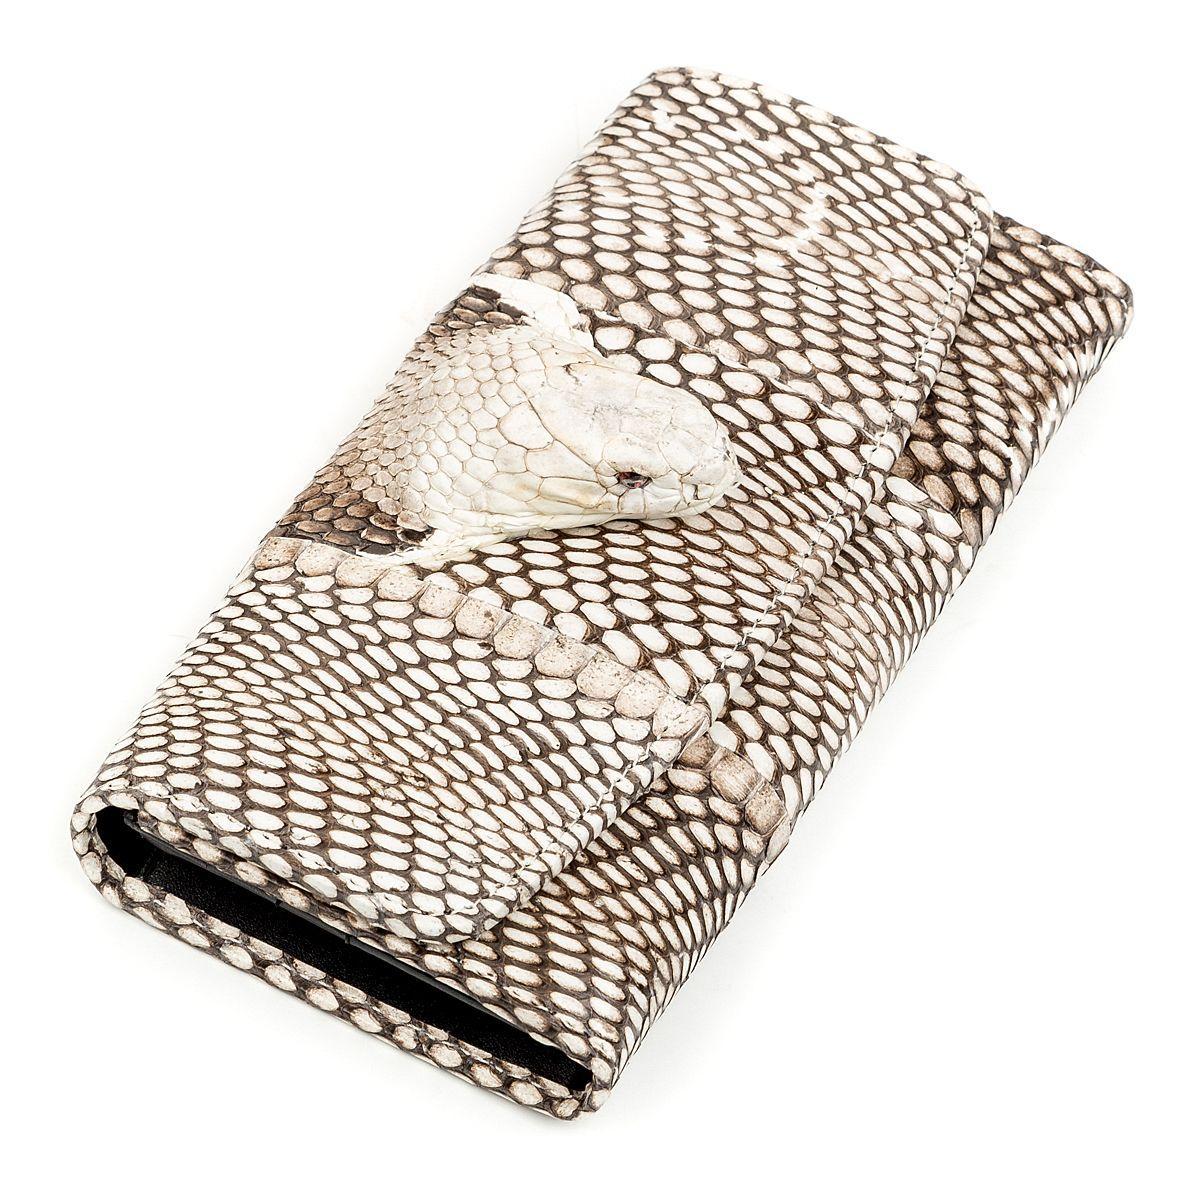 Кошелек Женский Snake Leather 18263  Из Натуральной Кожи Питона Серый, Серый